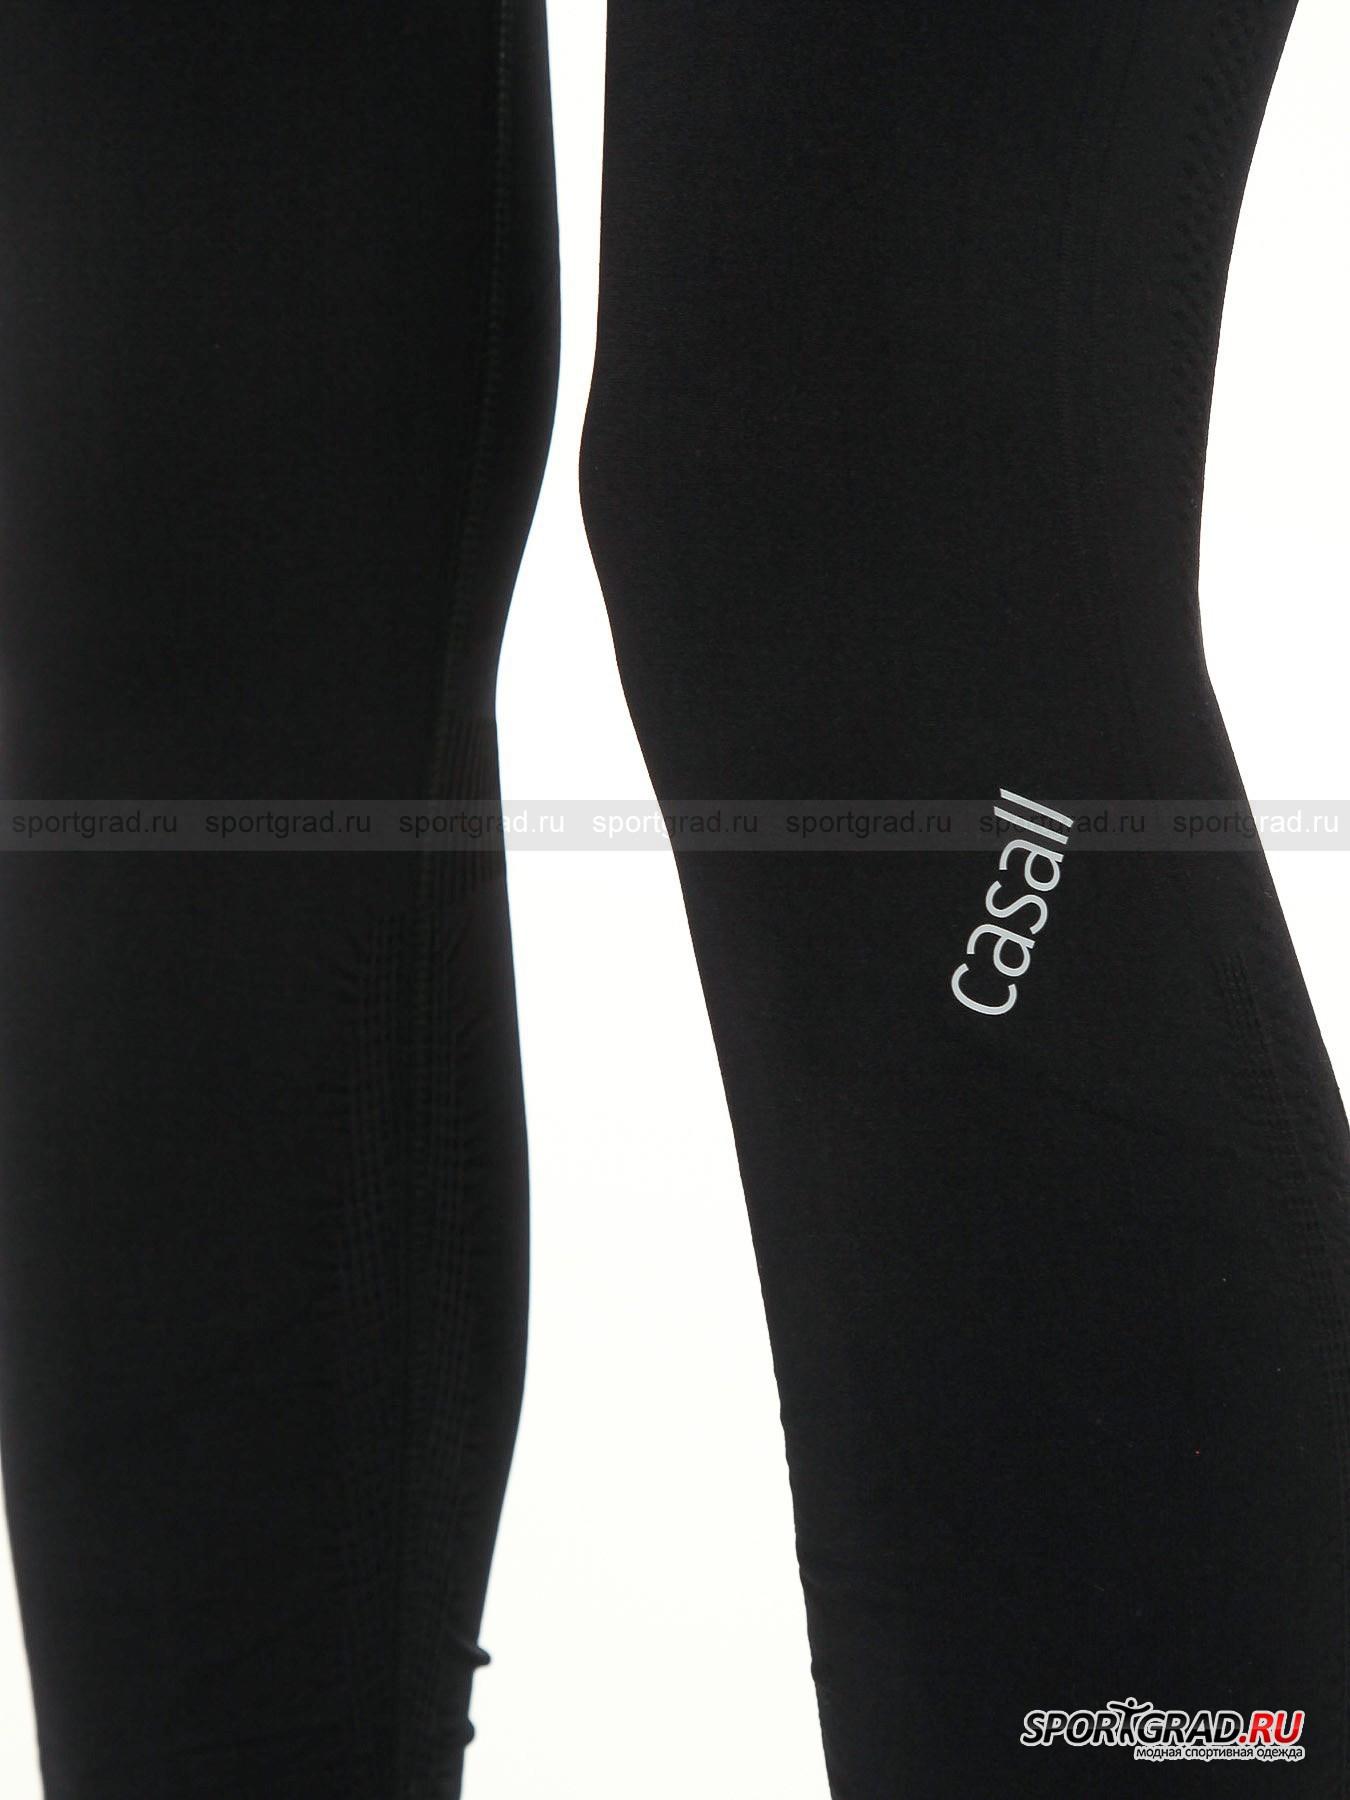 Леггинсы женские Seamless tights CASALL для йоги и танцев от Спортград